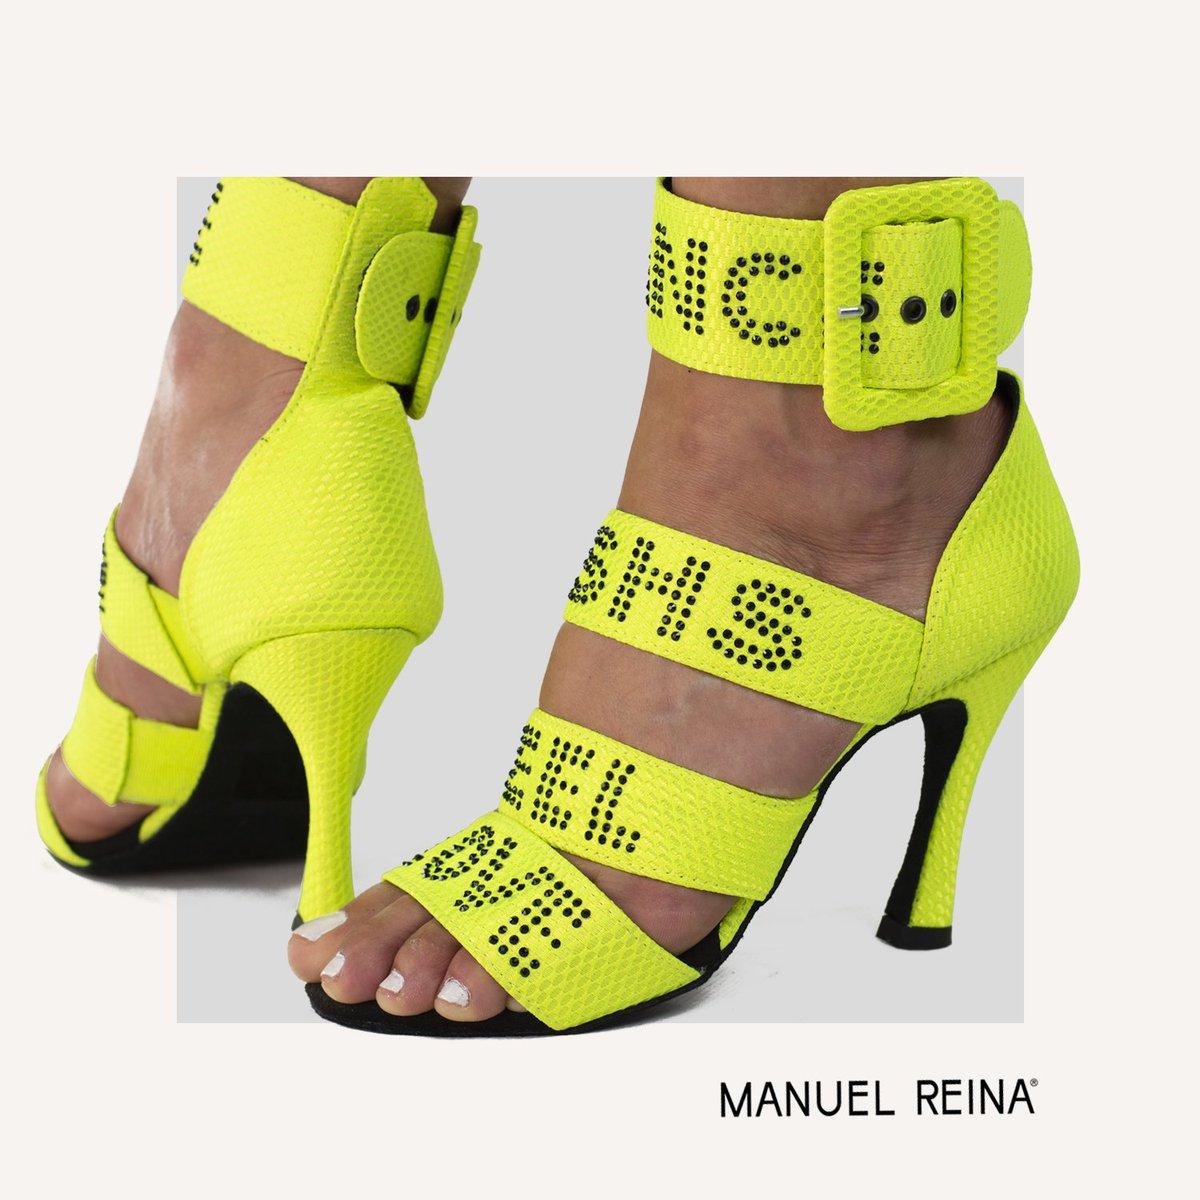 Los zapatos de baile más cómodos del mundo   • Fabricados con materiales que proporcionan la máxima amortiguación   • Mod: Obsession Y   • Price: 140€  • • #salsa #bachata #sandals #baile #pumps #danza #merengue #sandal #manuelreina #mnlrnshs #shoes #dancepic.twitter.com/KiH0Jhp7gr